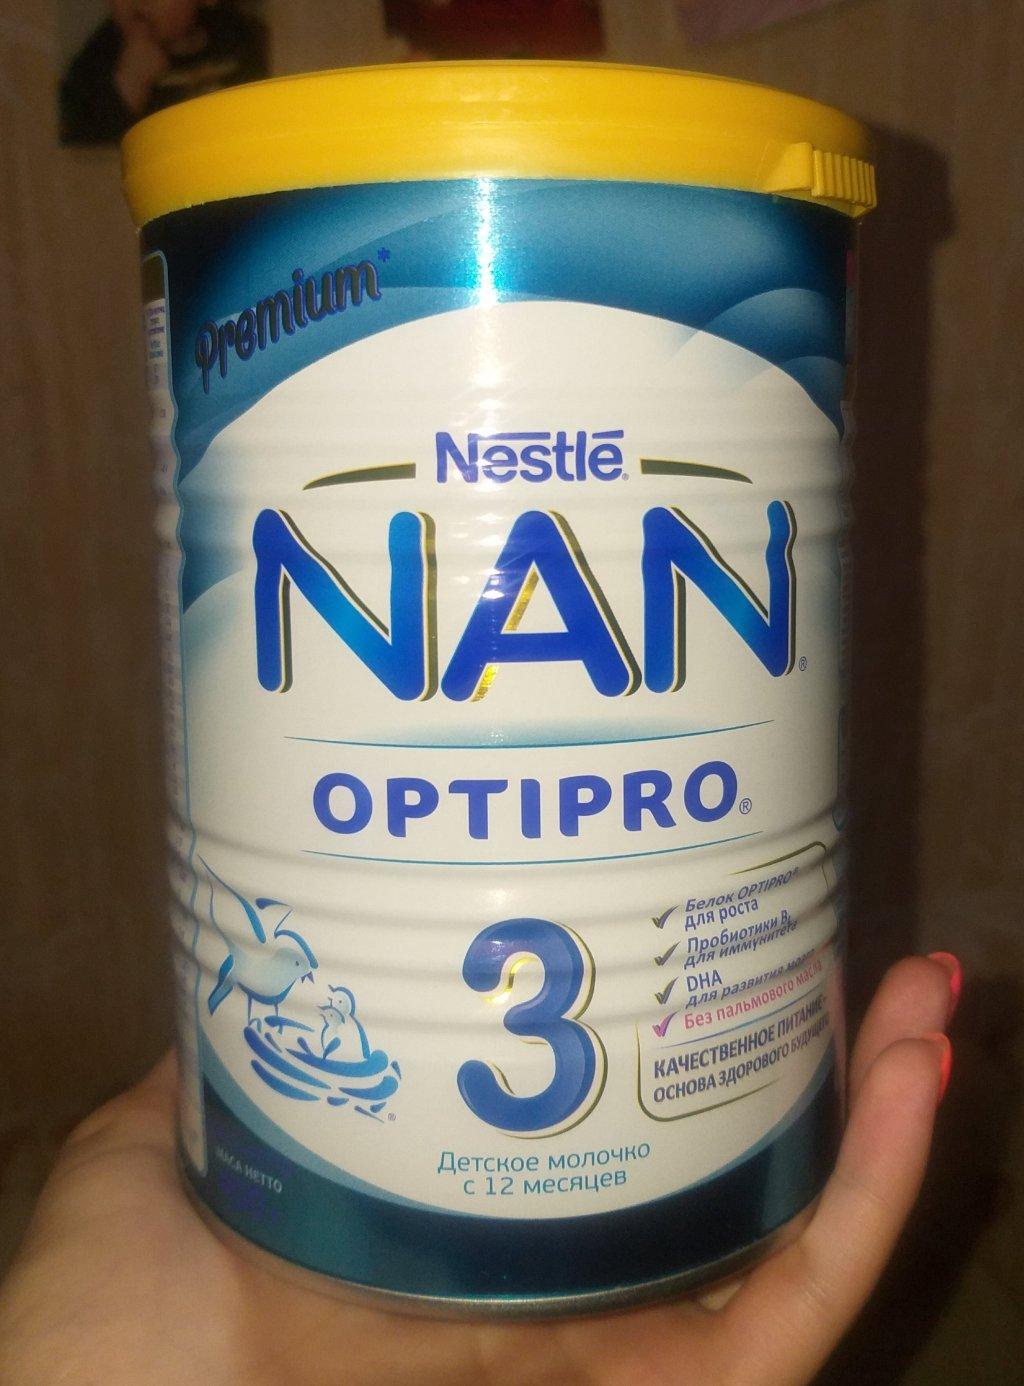 Nan 3 Optipro - Отличная смесь. Рекомендую!